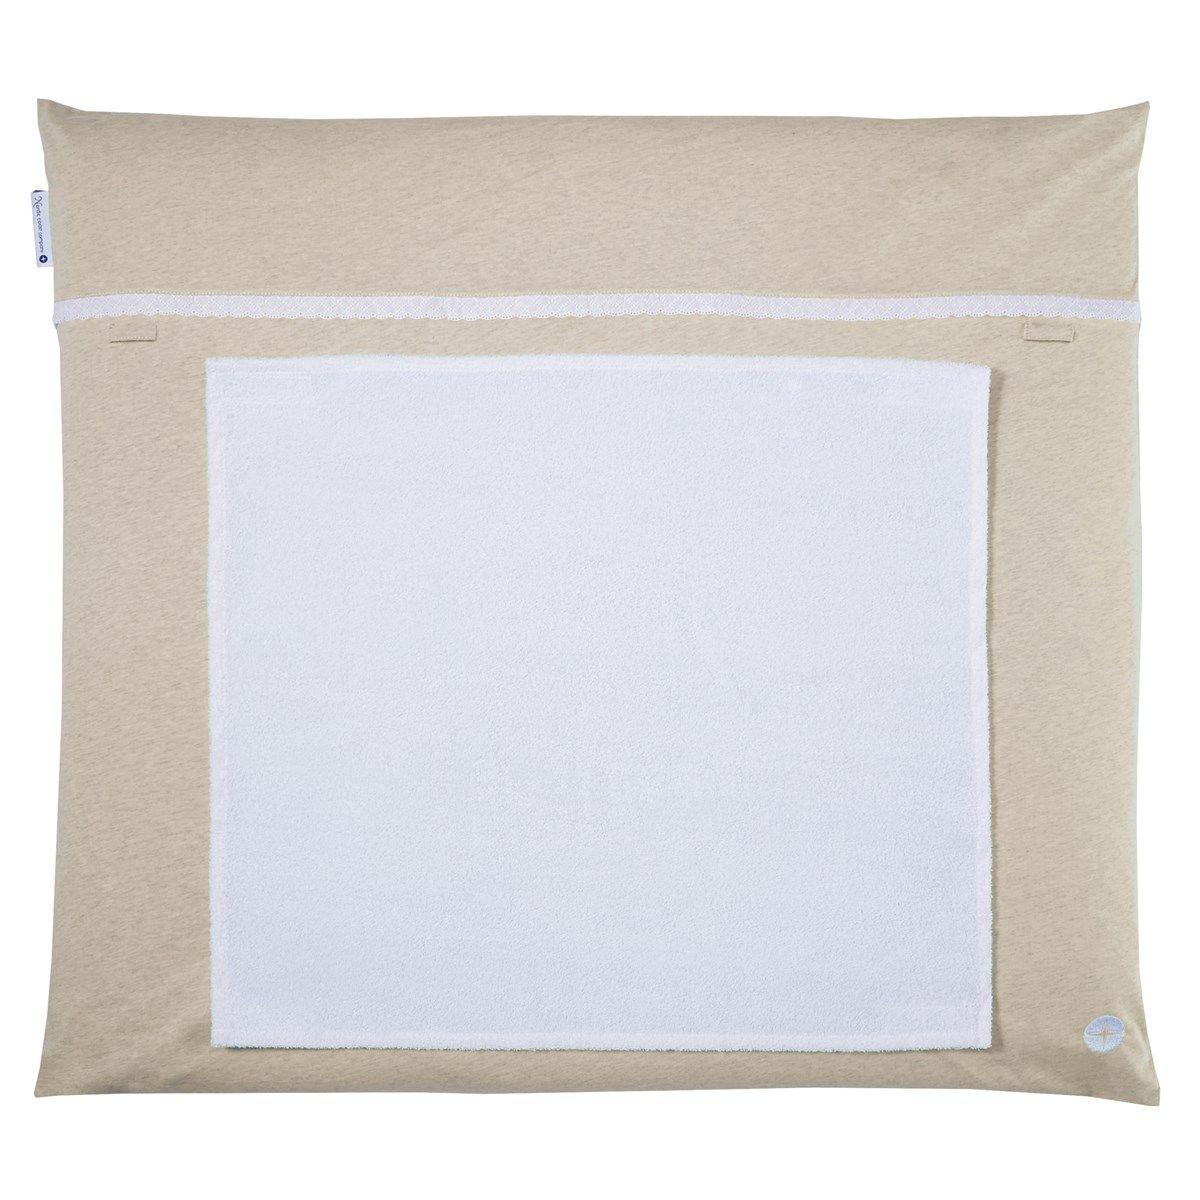 Matelas à langer 70x80cm lavable beige froufrous, avec 3 serviette imperméable